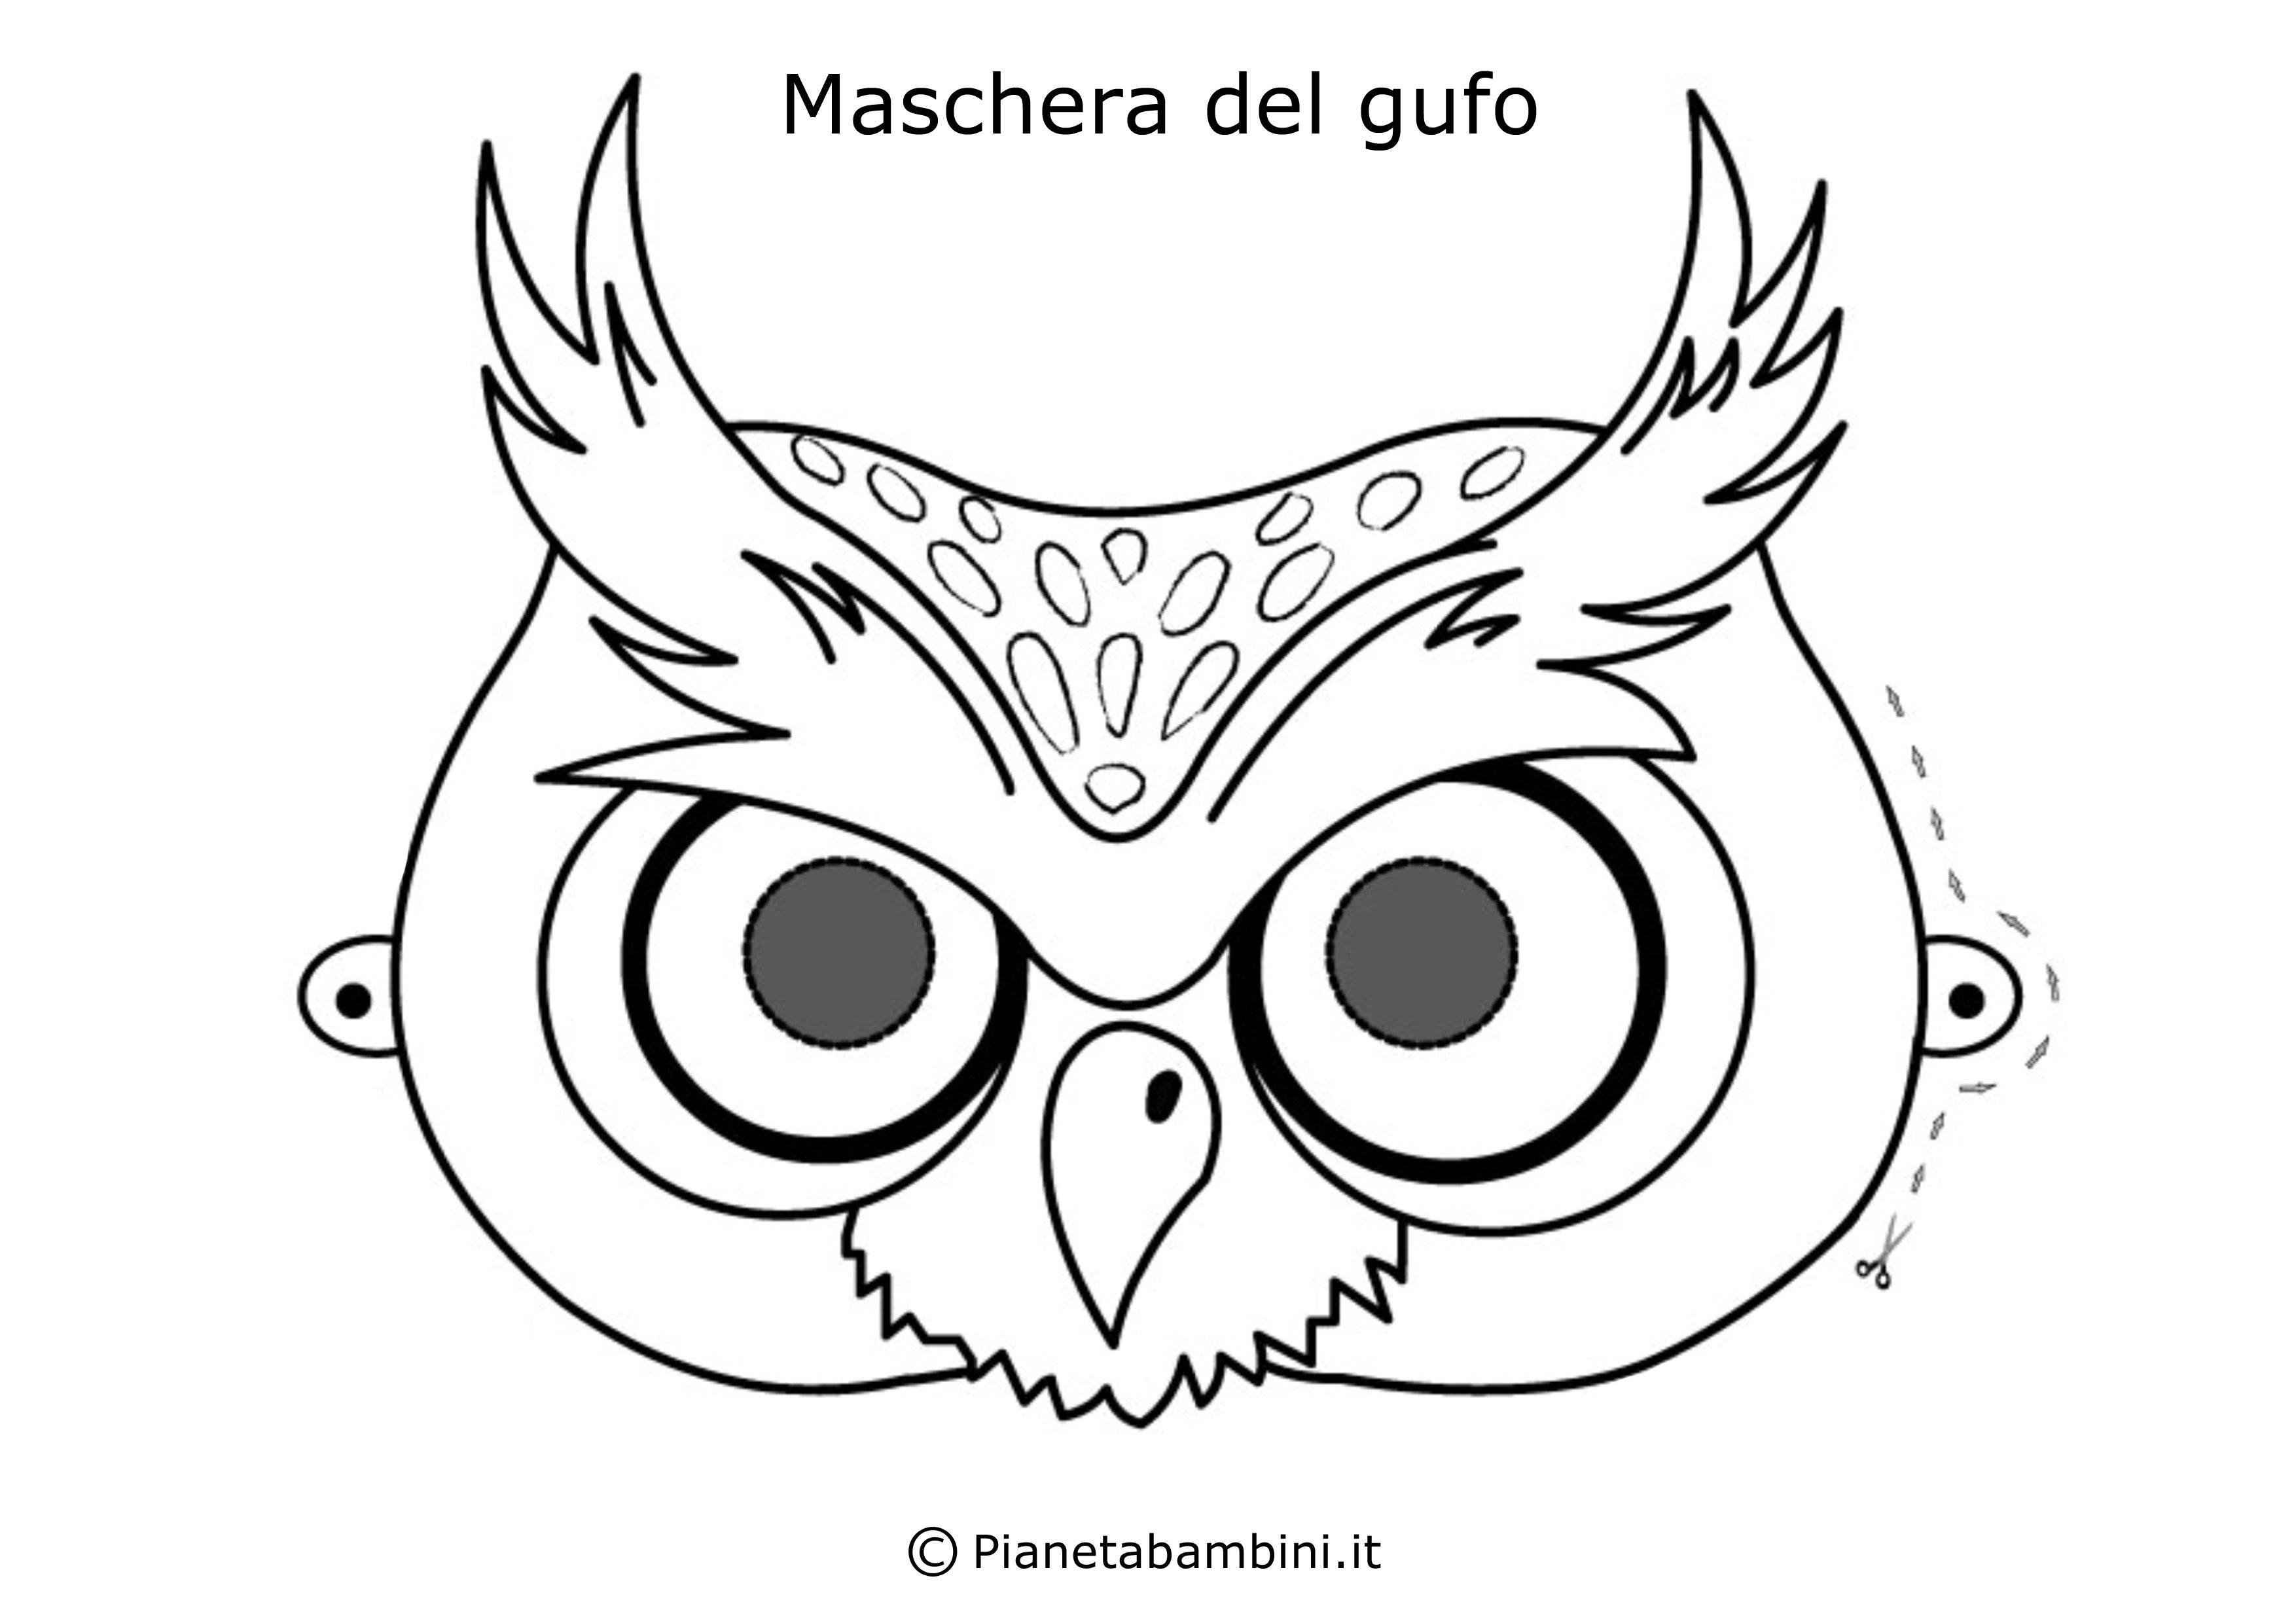 Maschera-Colorare-Gufo